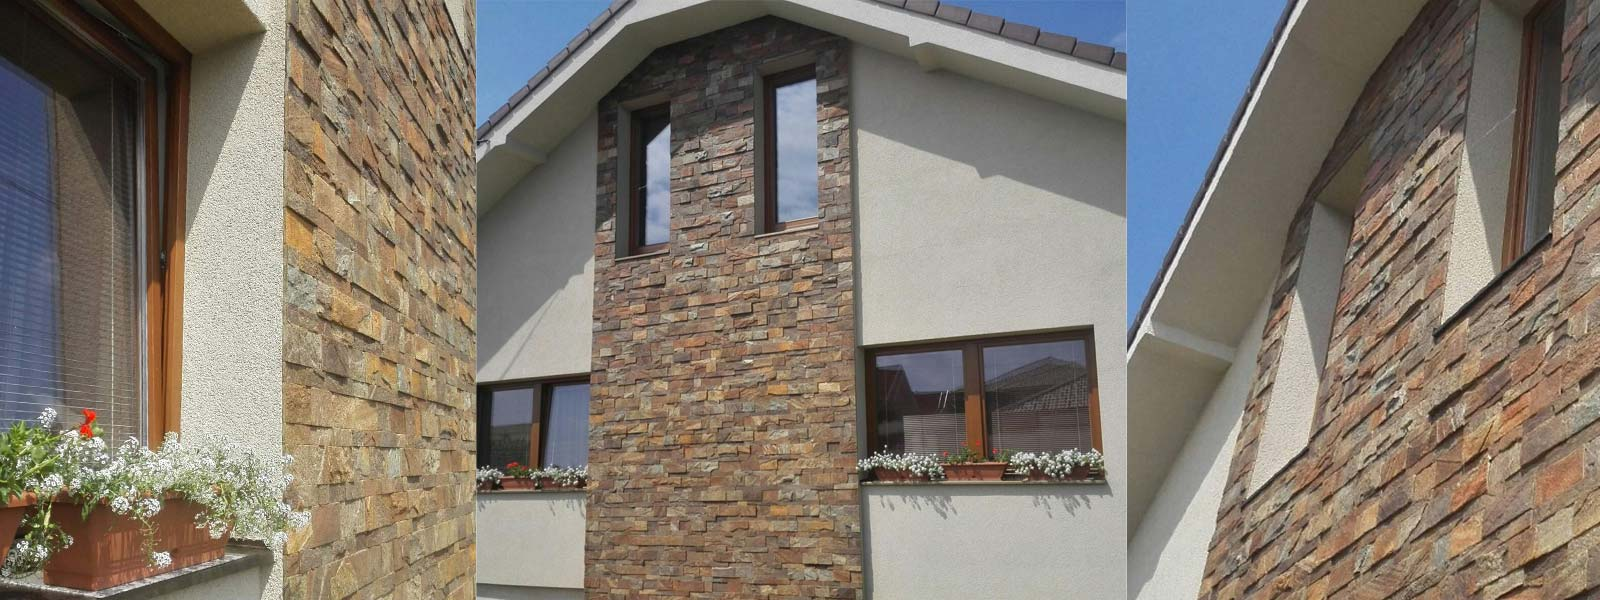 Kamenný obklad fasády cena